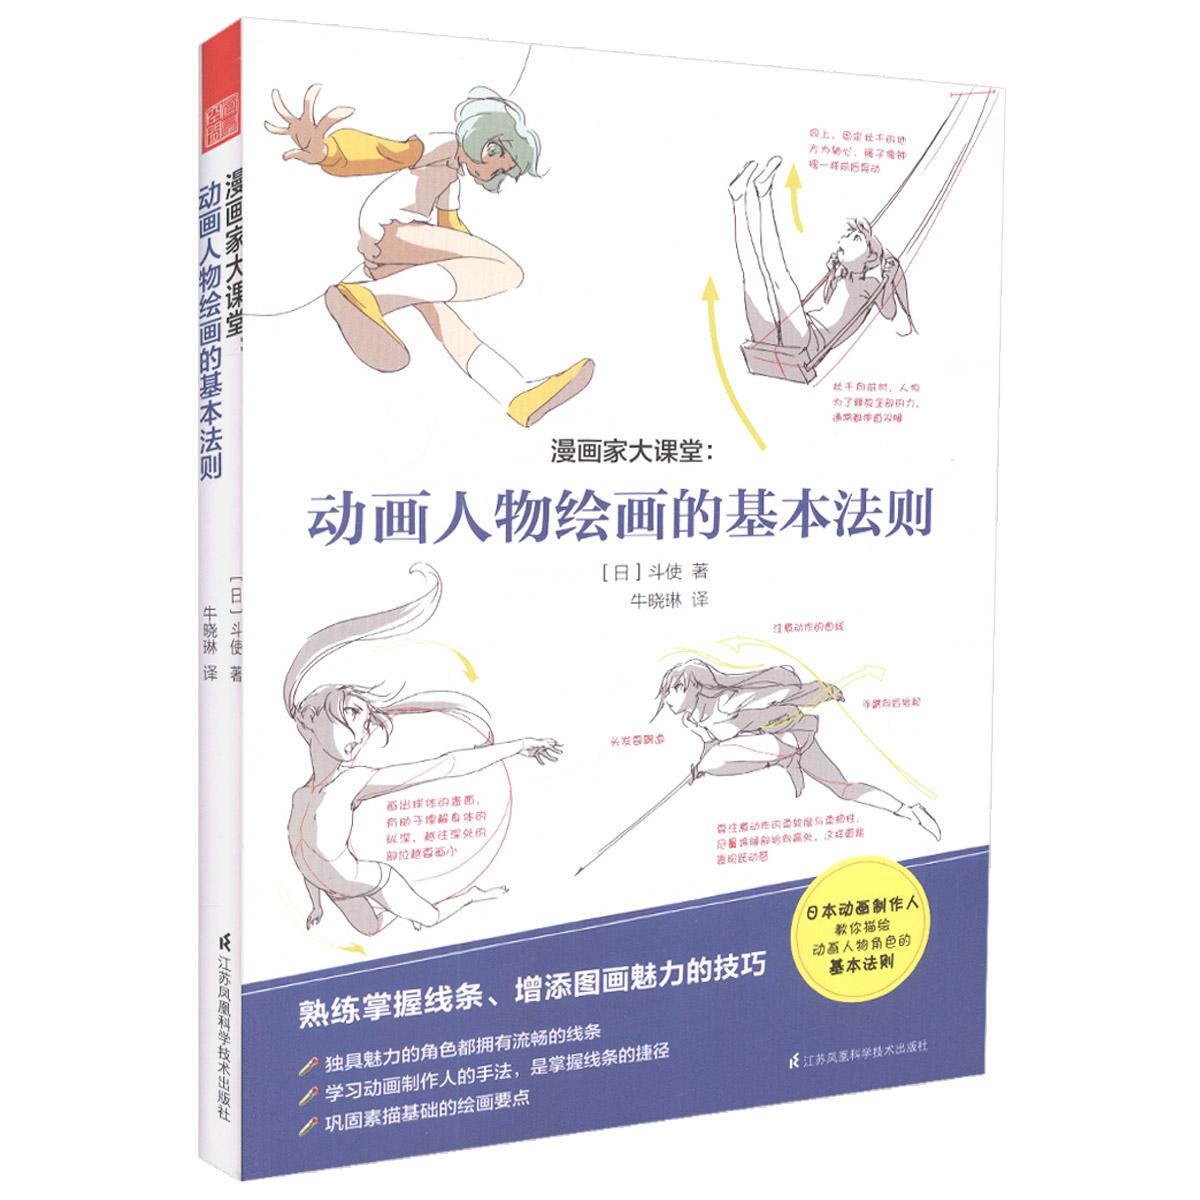 หนังสือสอนหลักการวาดการ์ตูน-อนิเมชั่น มุมมองท่าทาง การเคลือนไหว The basic rules of painting animated characters